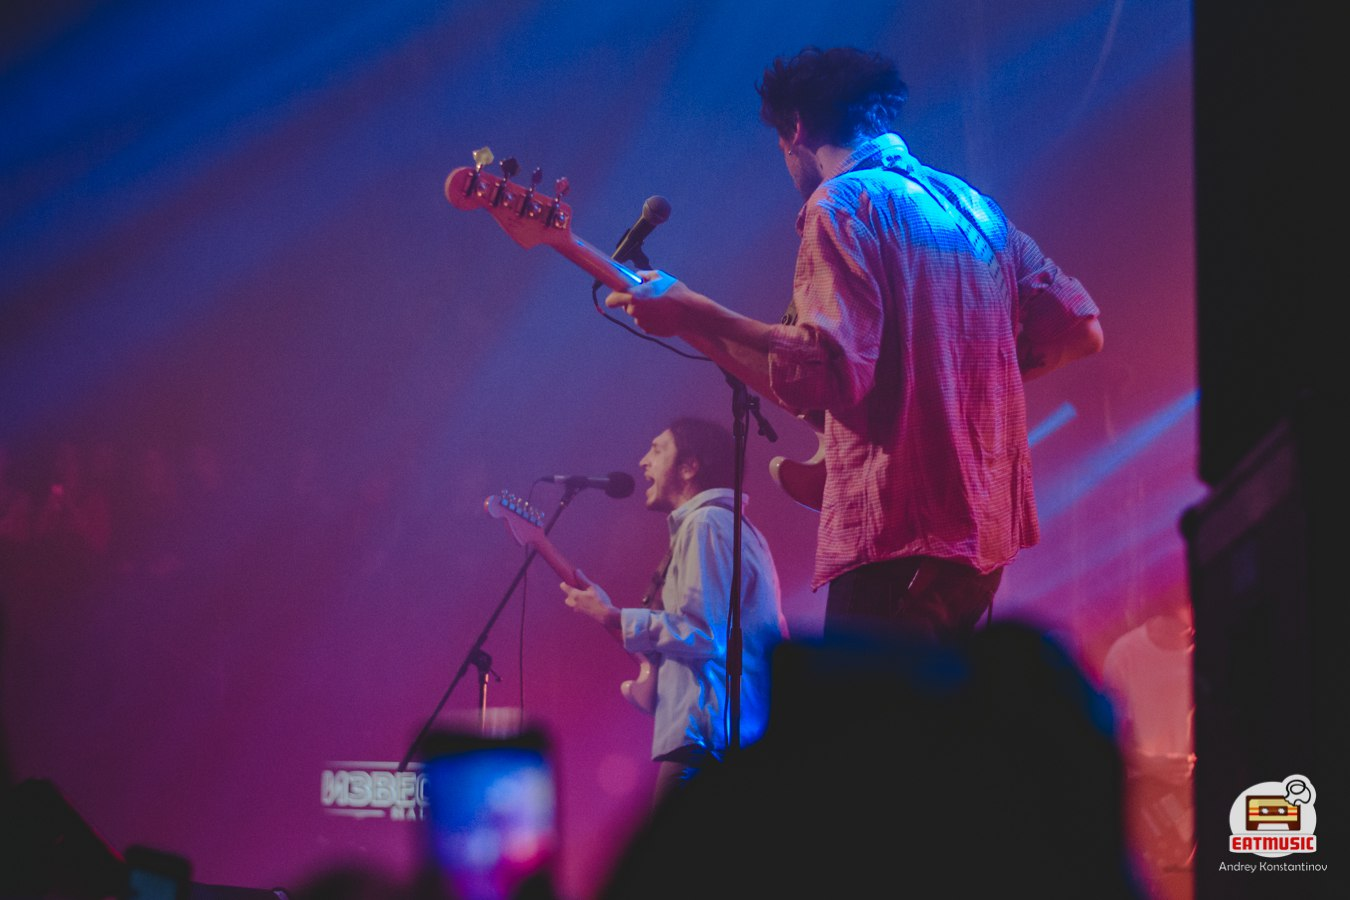 Как прошел традиционный весенний концерт группы «Валентин Стрыкало» в Москве? Андрей Константинов